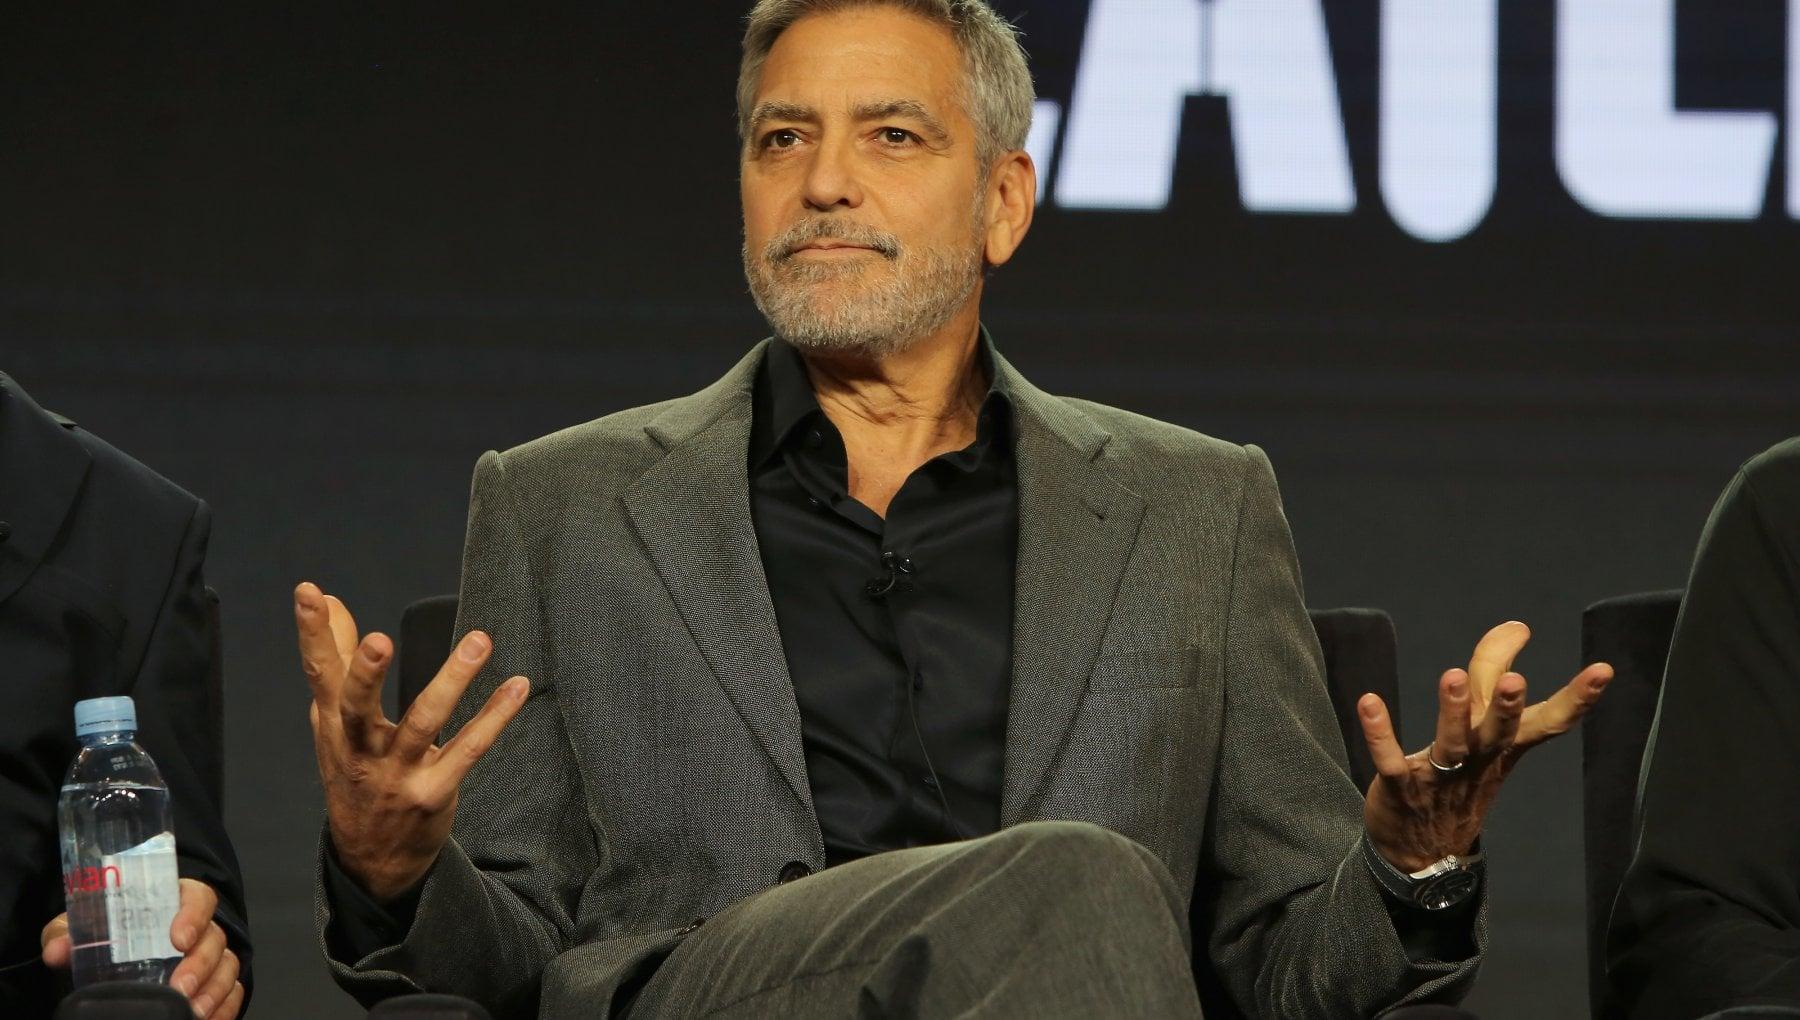 """170504843 8d1cae1d 04de 4cad b78a 398686f256ce - La sfida di Clooney a Orbán: """"In Ungheria rabbia e odio"""". La replica di Budapest: """"È consigliato da Soros"""""""